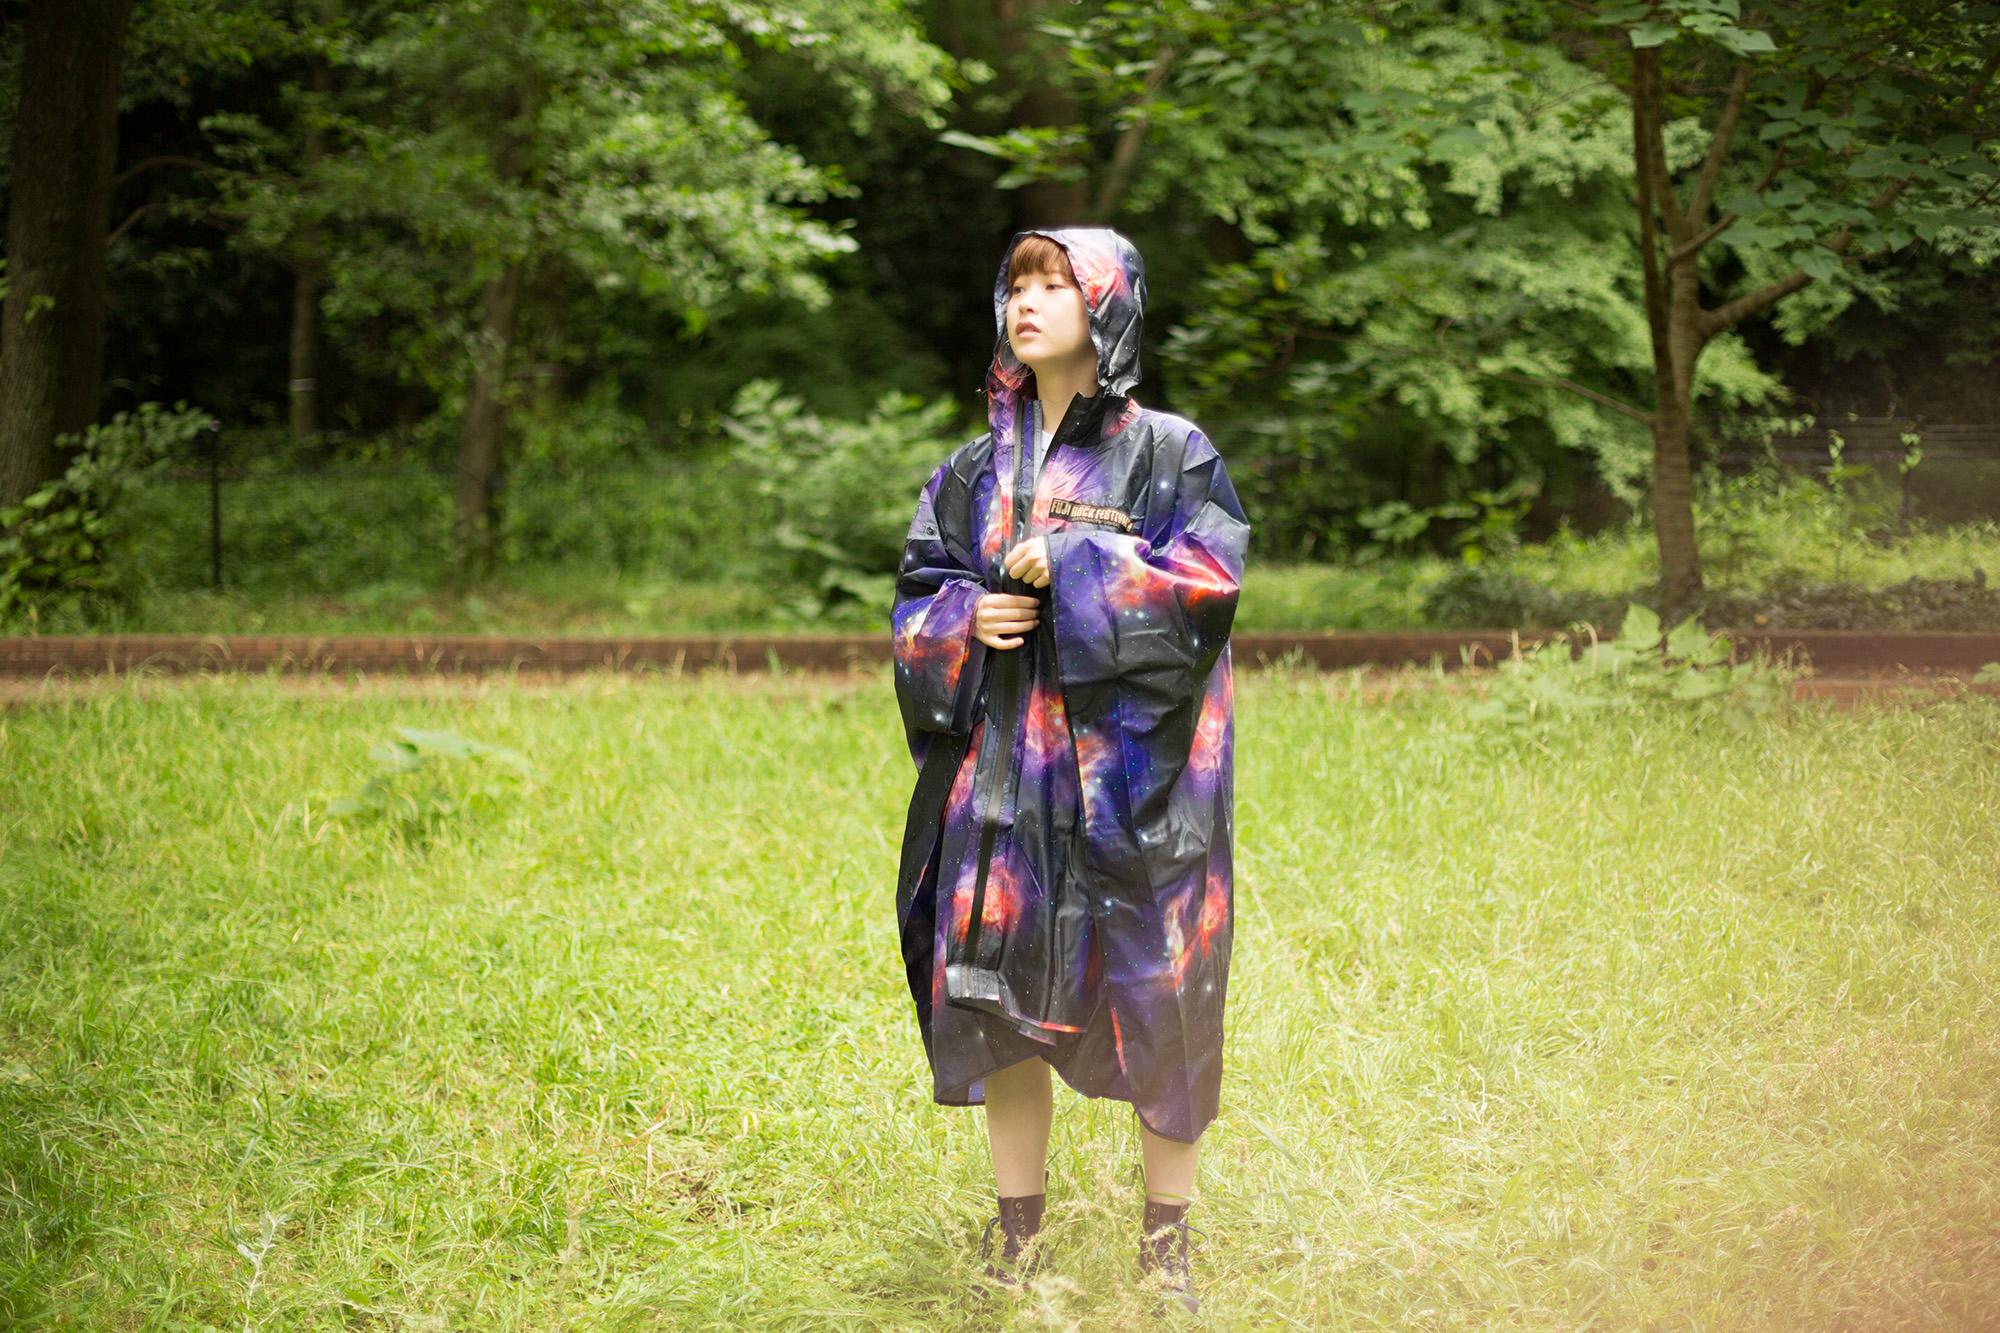 【フェスファッション】フジロックにも着ていきたい!2016年、夏フェスコーデ R7A3654